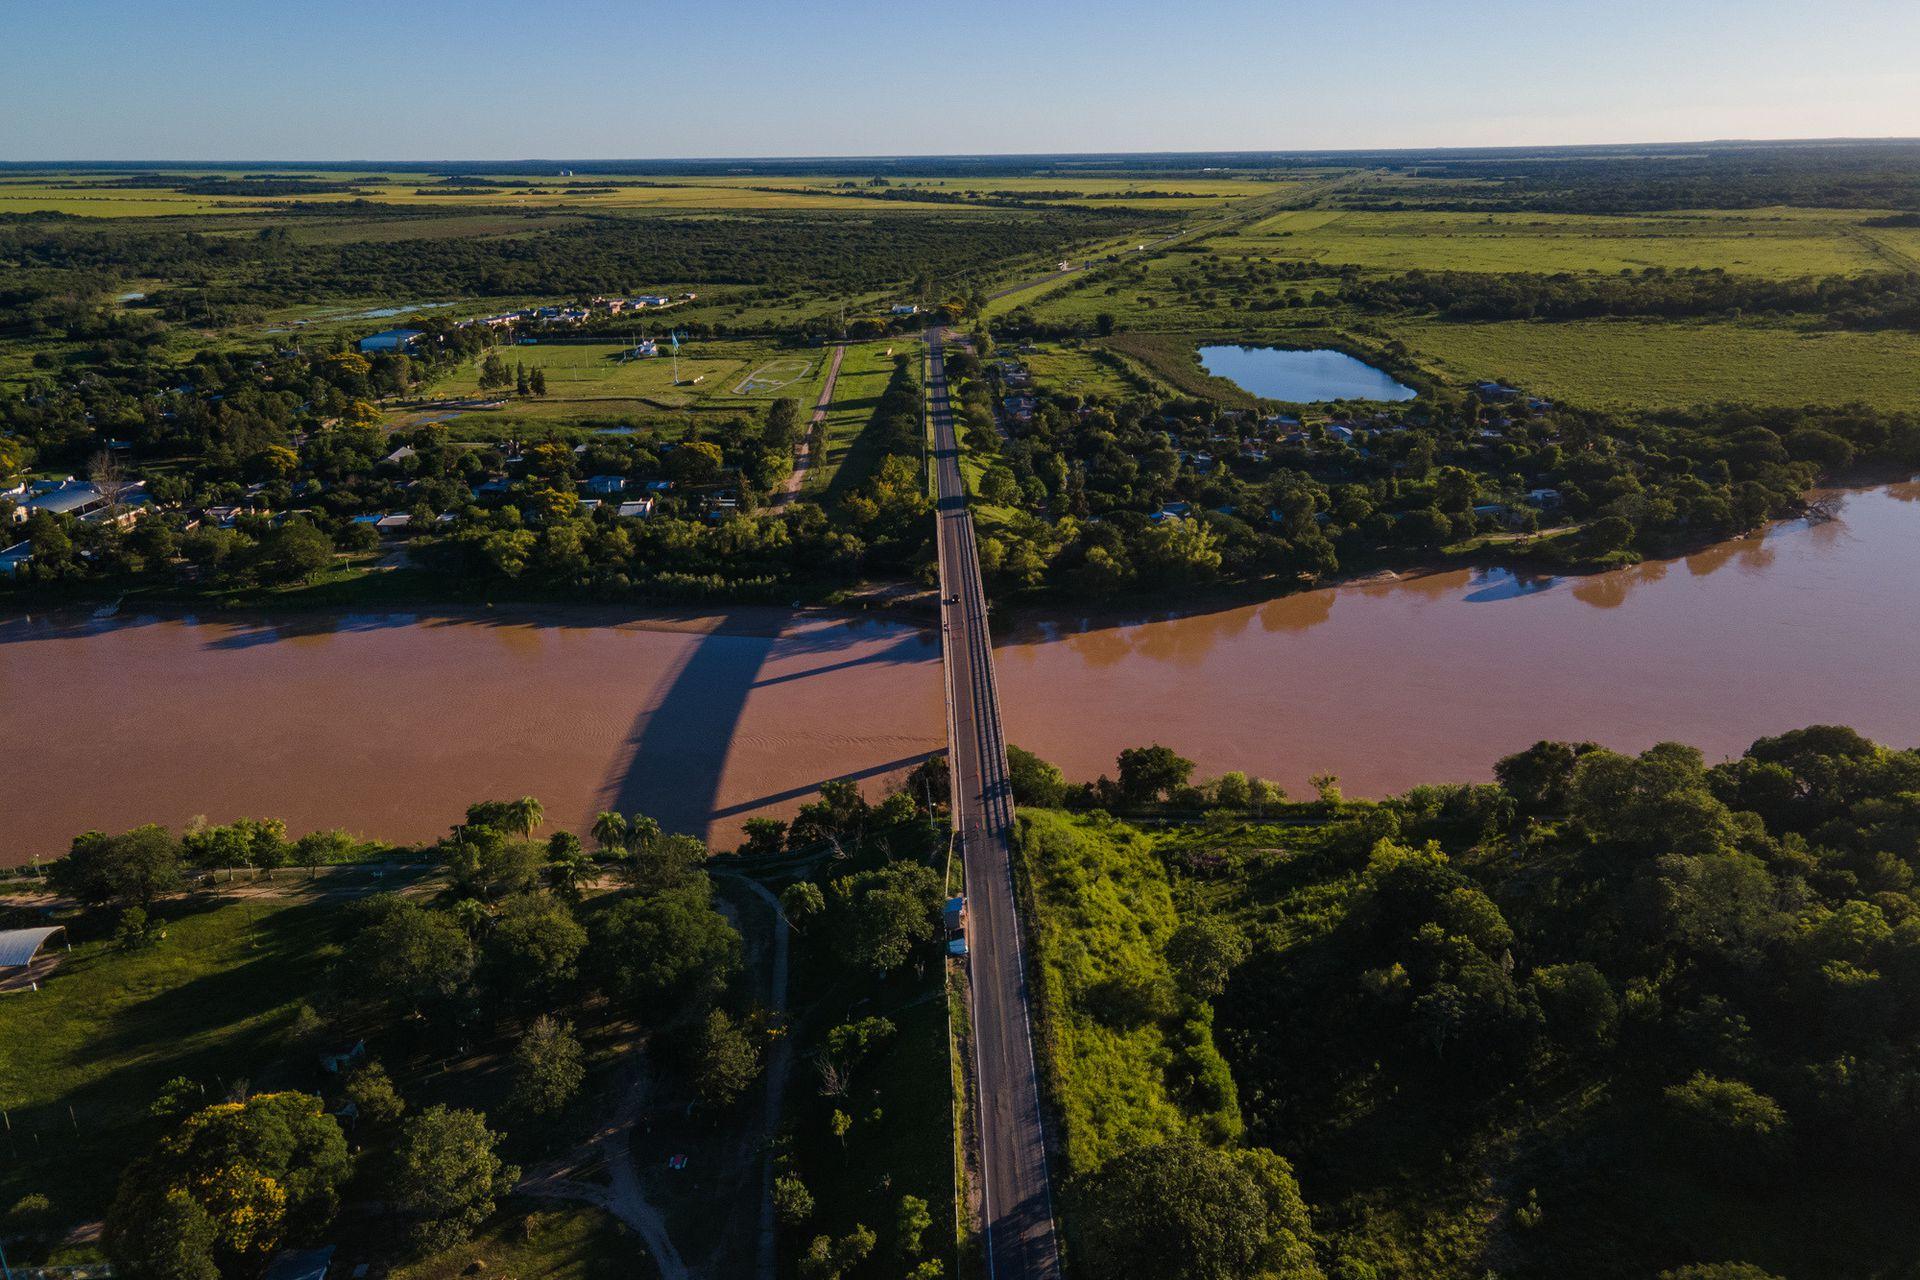 El puente que separa las provincias de Chaco y Formosa sobre el río Bermejo